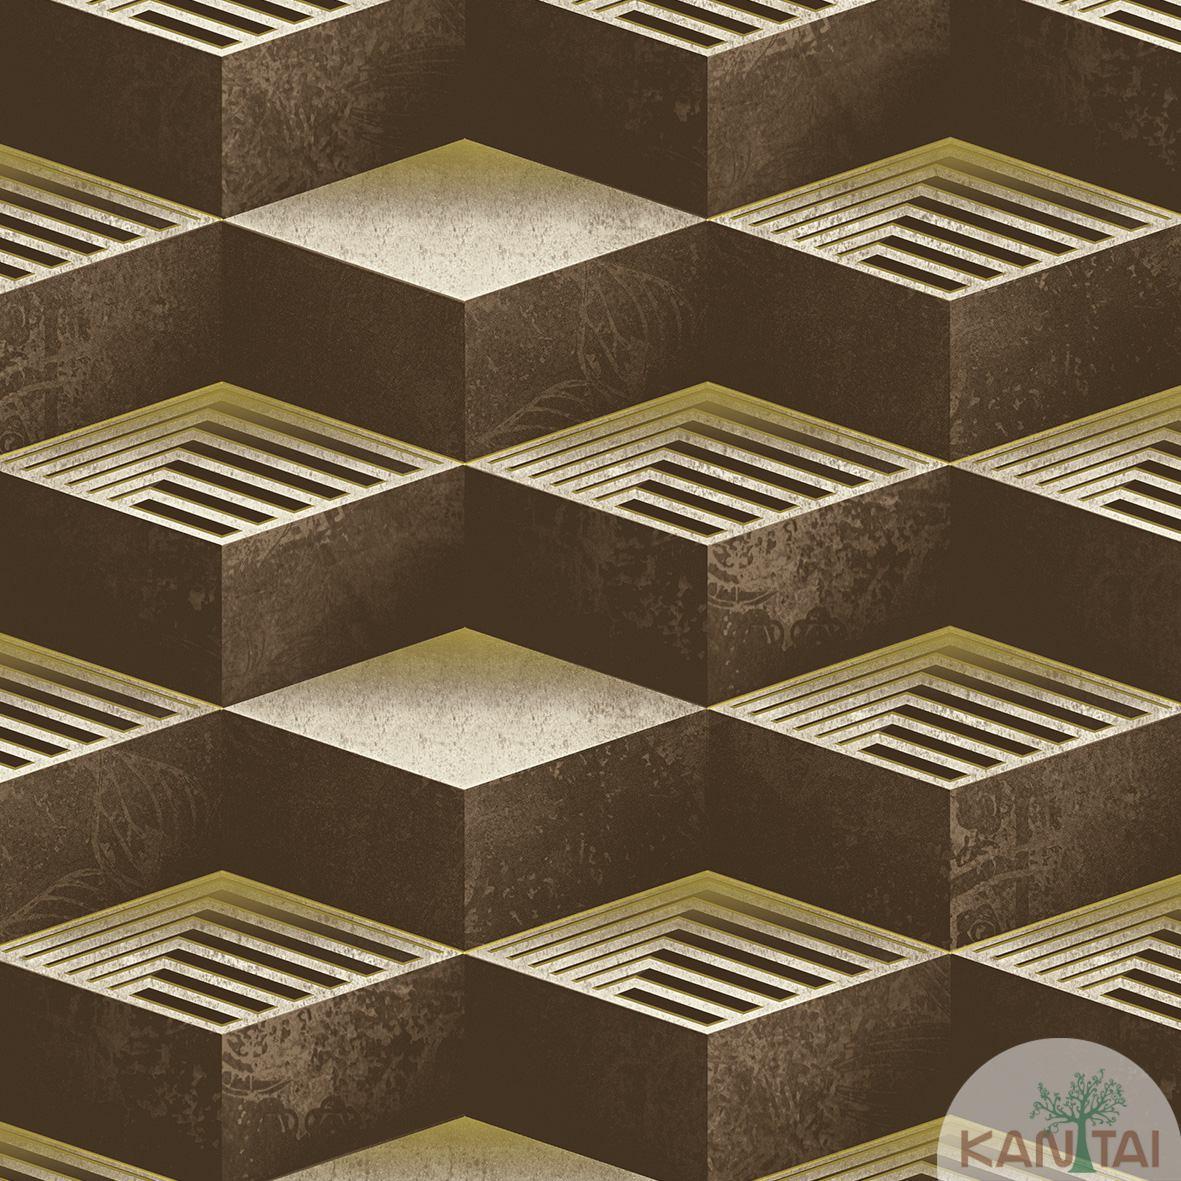 Papel de Parede  Kan Tai  Vinilico Coleção Neonature III 3D Geométrico Marrom escuro, Dourado, Bege